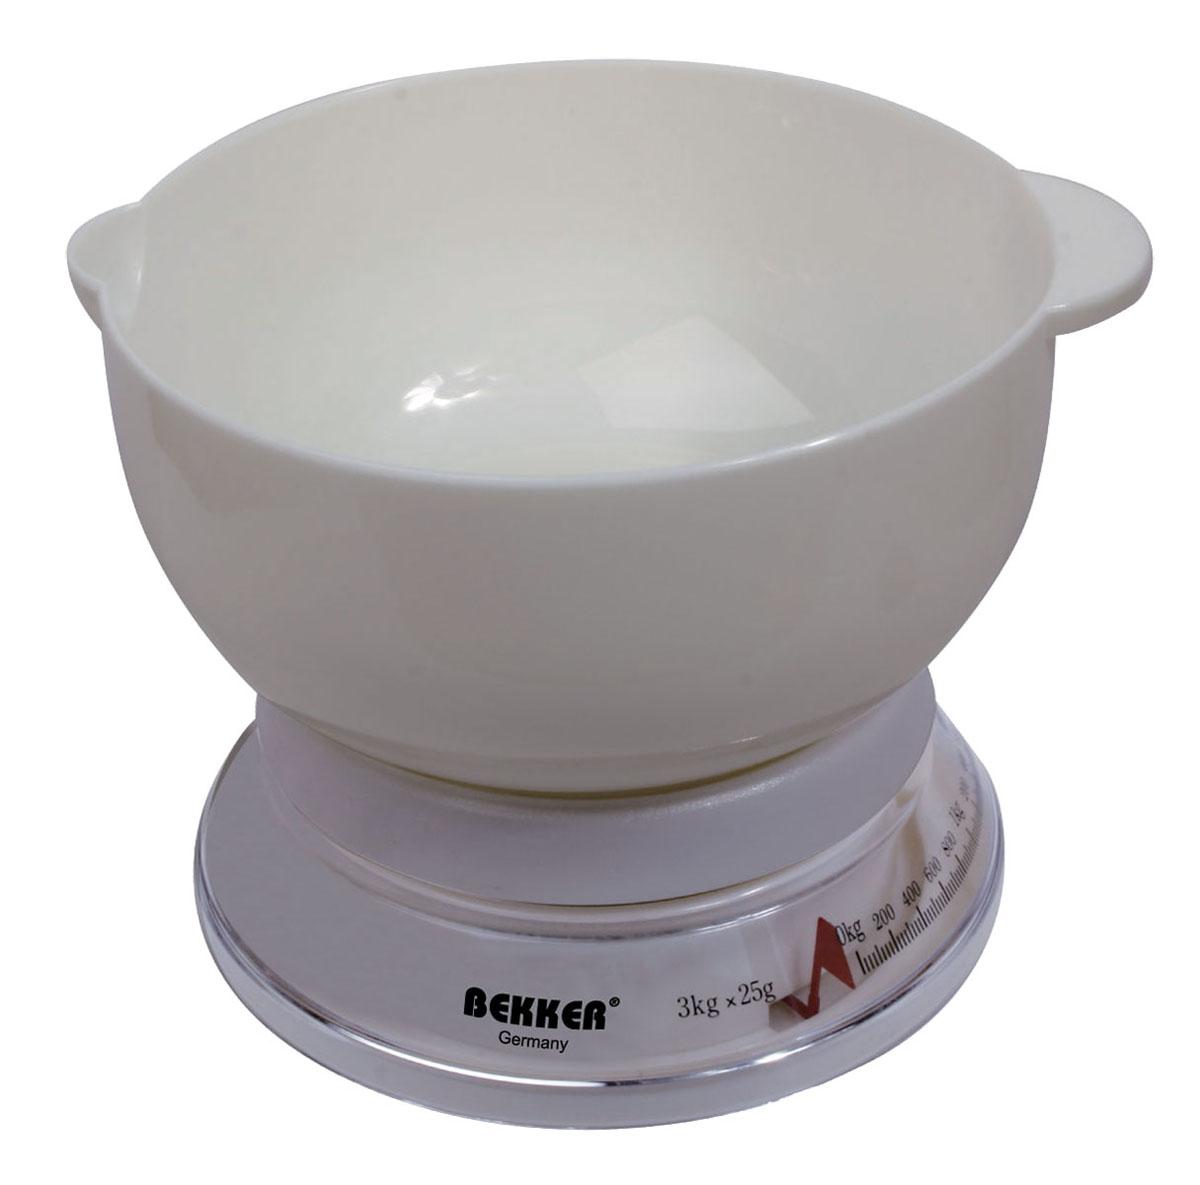 Весы кухонные Bekker BK-23, до 3 кгMW-1451 SilverУдобные и практичные кухонные весы Bekker BK-23 обеспечивают высокую точность измерений. Весы выполнены пластика и легко впишутся в любой современный кухонный интерьер. Характеристики:Материал: пластик, металл. Объем чаши: 2 л. Цена деления: 25 г. Размер упаковки: 19 см х 19 см х 9 см. Артикул: BK-23.